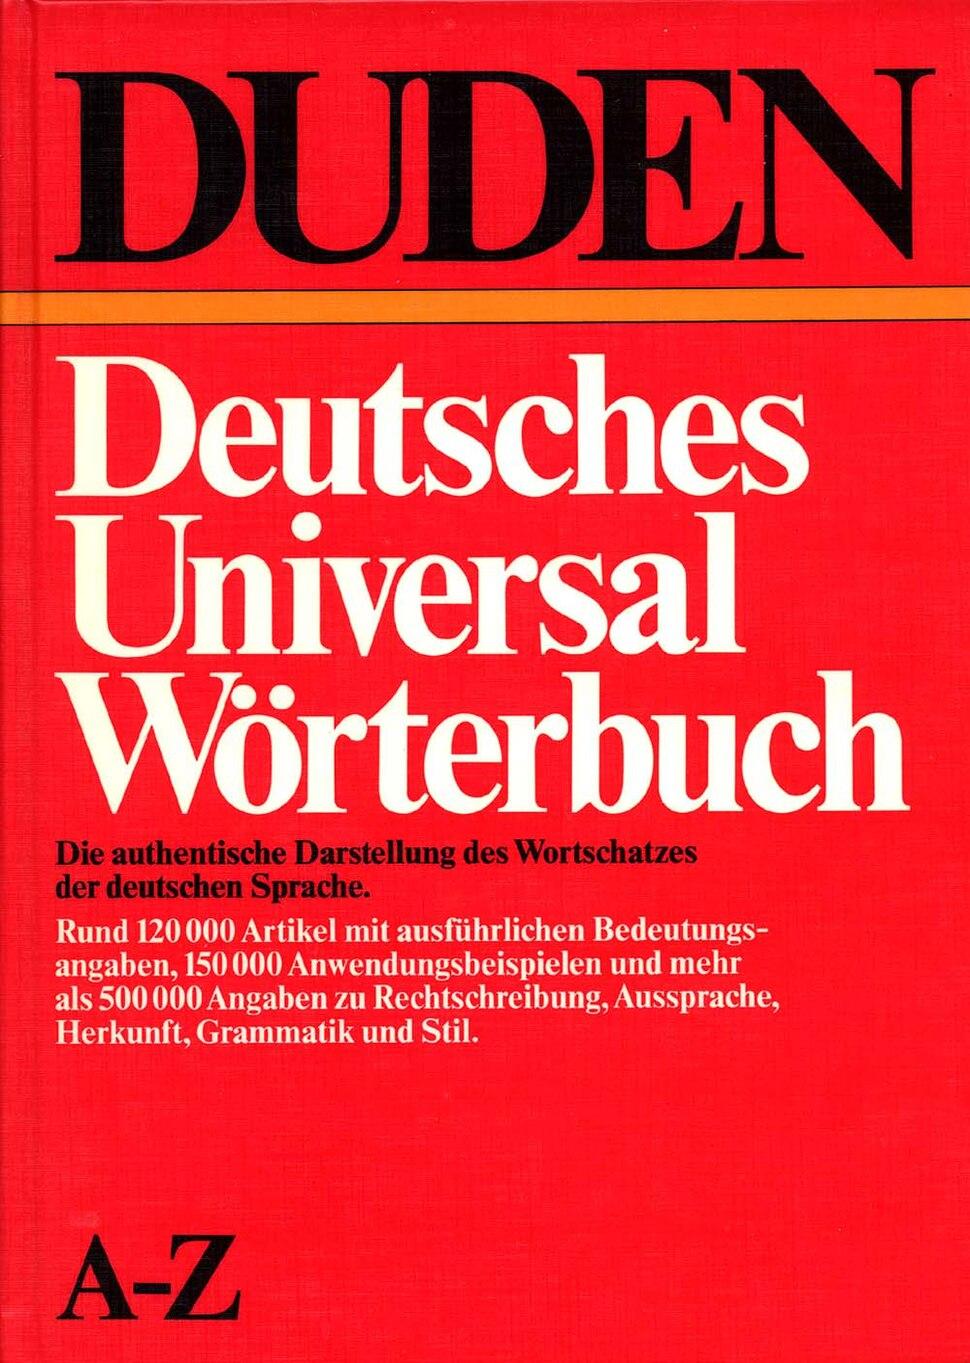 DUDEN Universal Wörterbuch 1983 a